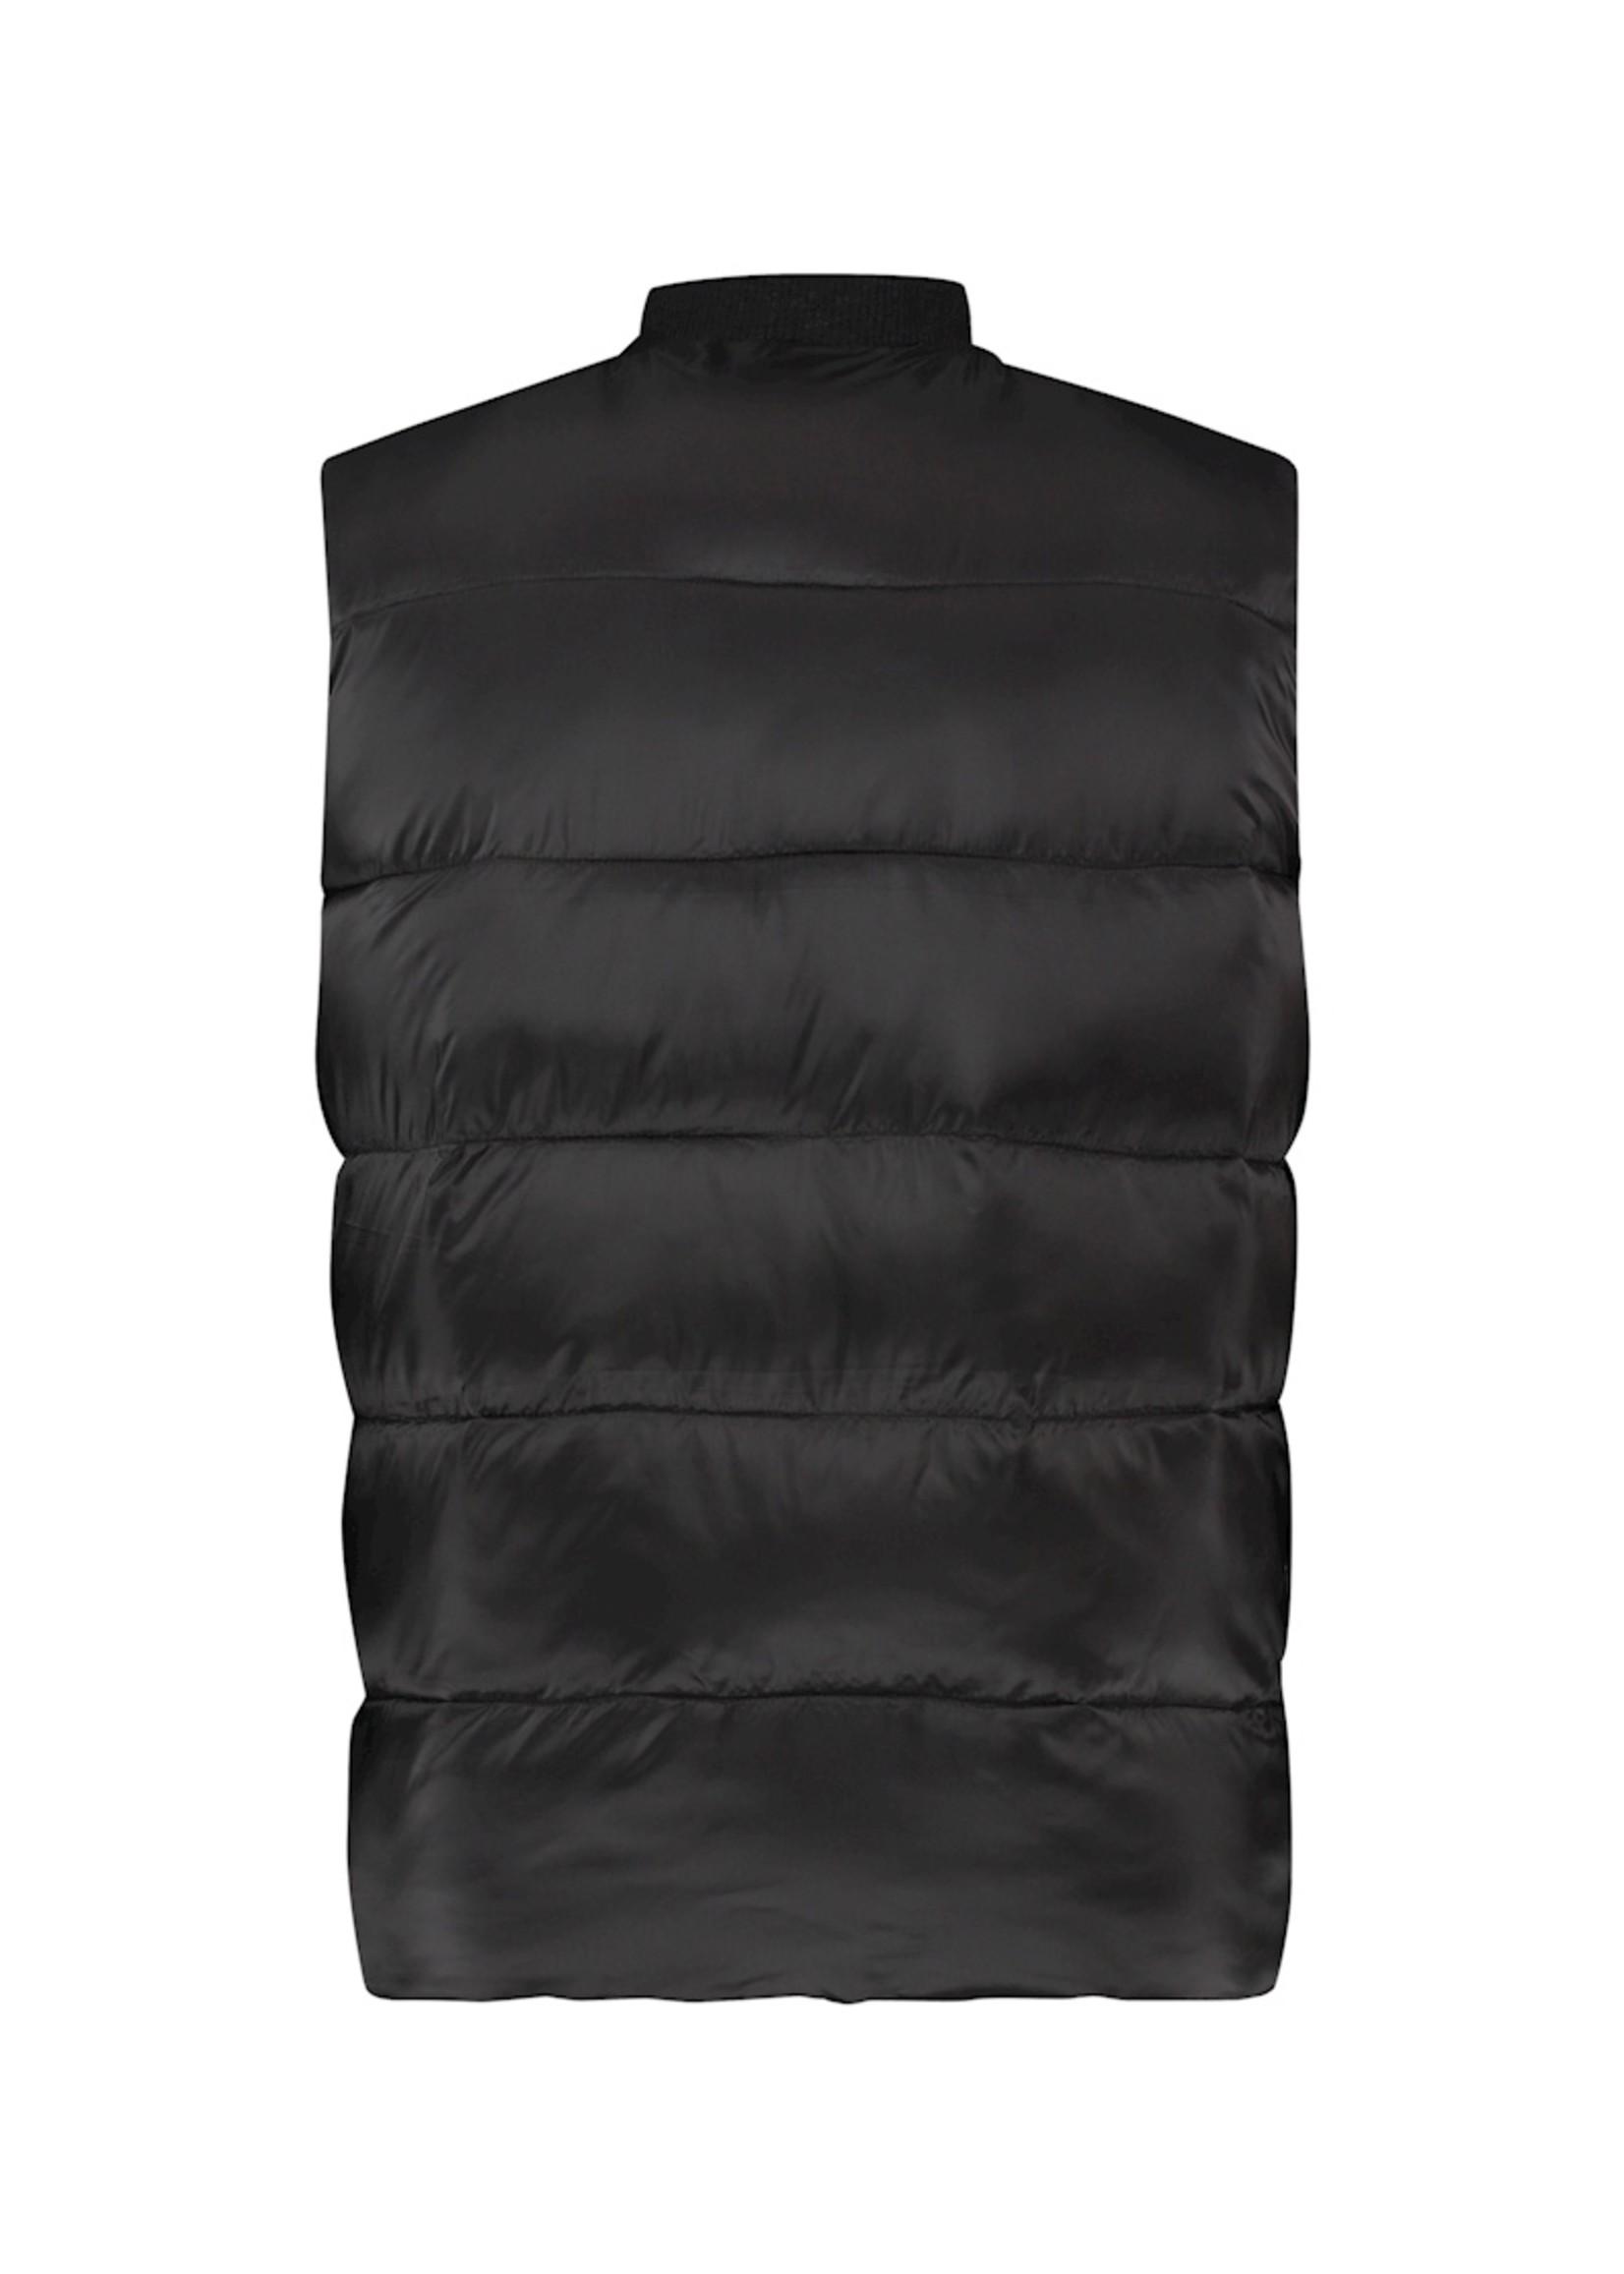 Purewhite Body Warmer - Black